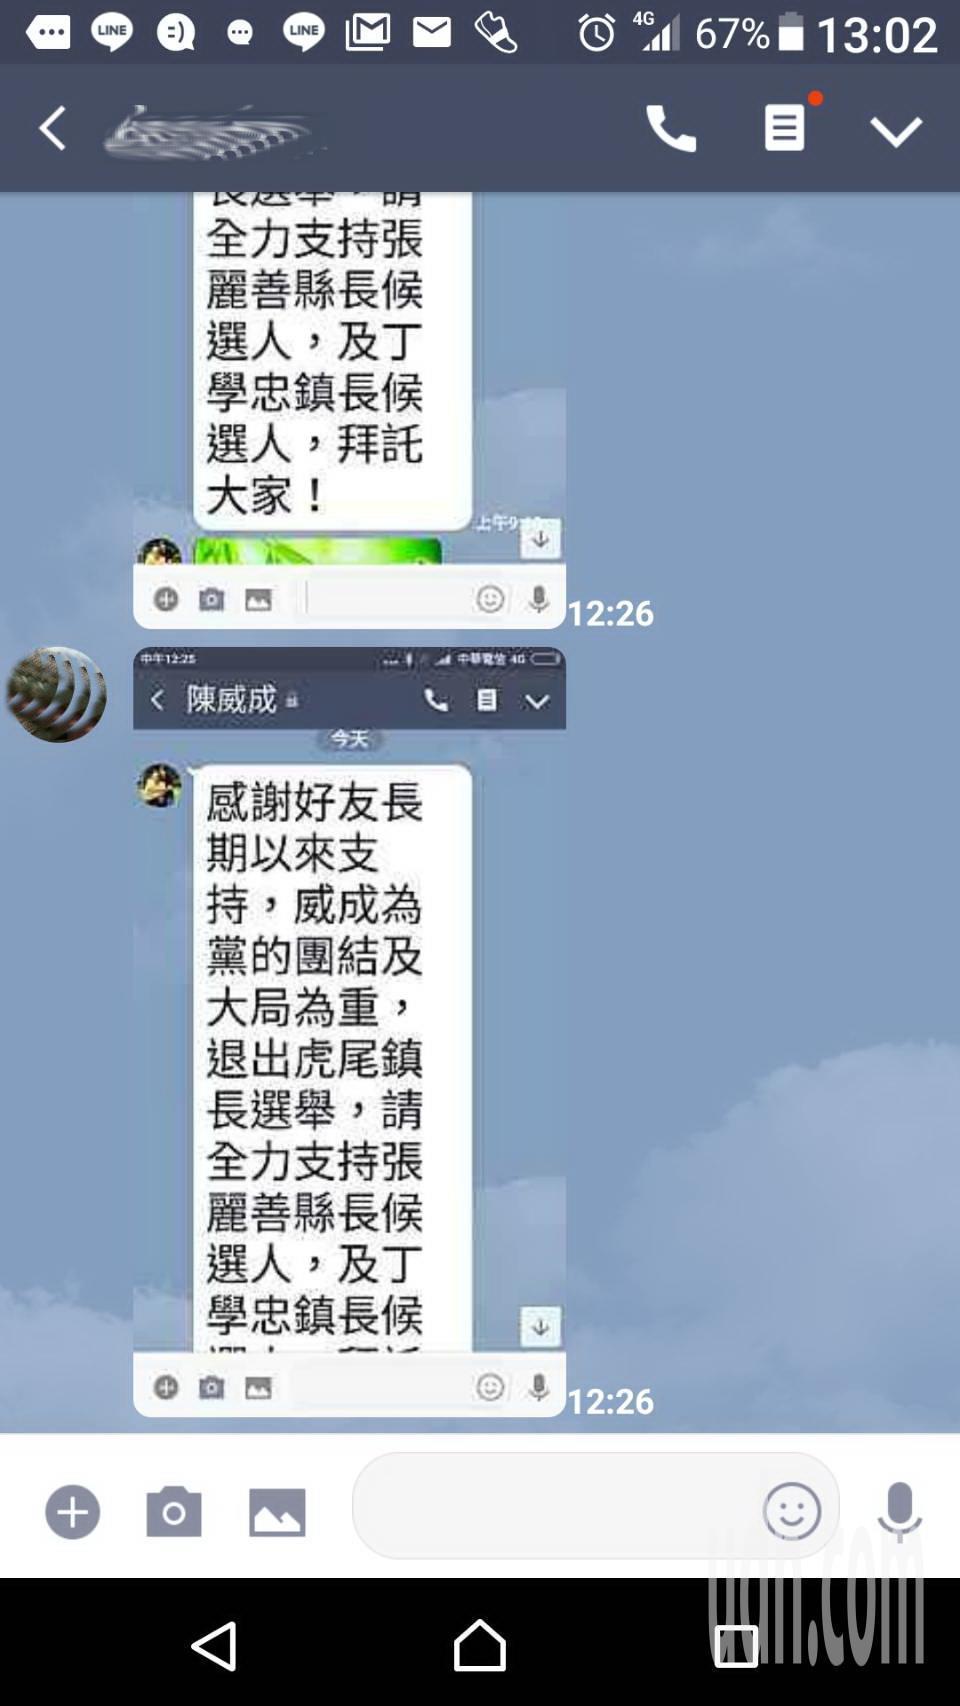 陳威成今天上午用手機向所有支持者宣布退選。記者蔡維斌/攝影